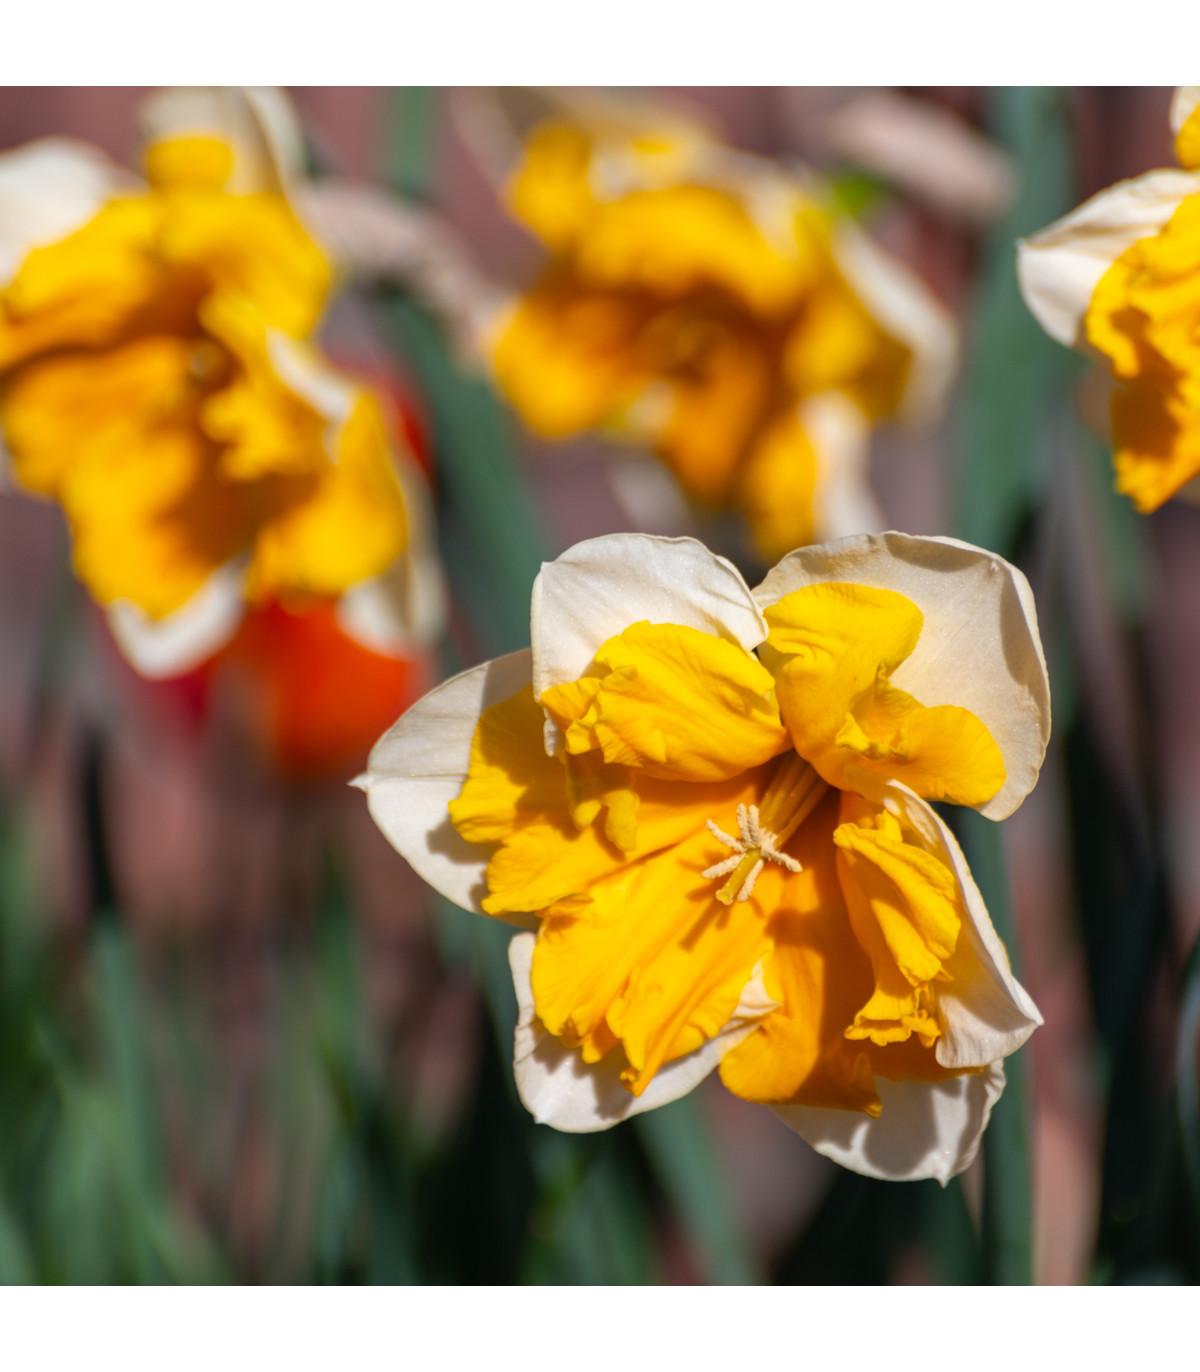 Narcis Orangery - predaj cibuľovín - narcisy - 3 ks